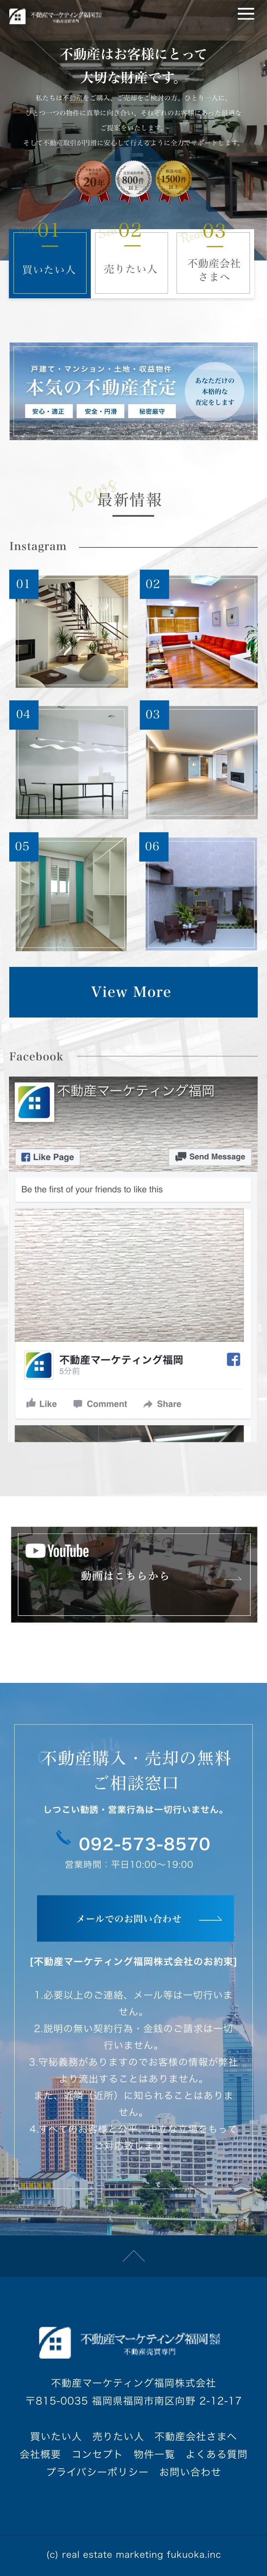 不動産マーケティング福岡株式会社様 ホームページ SP画像